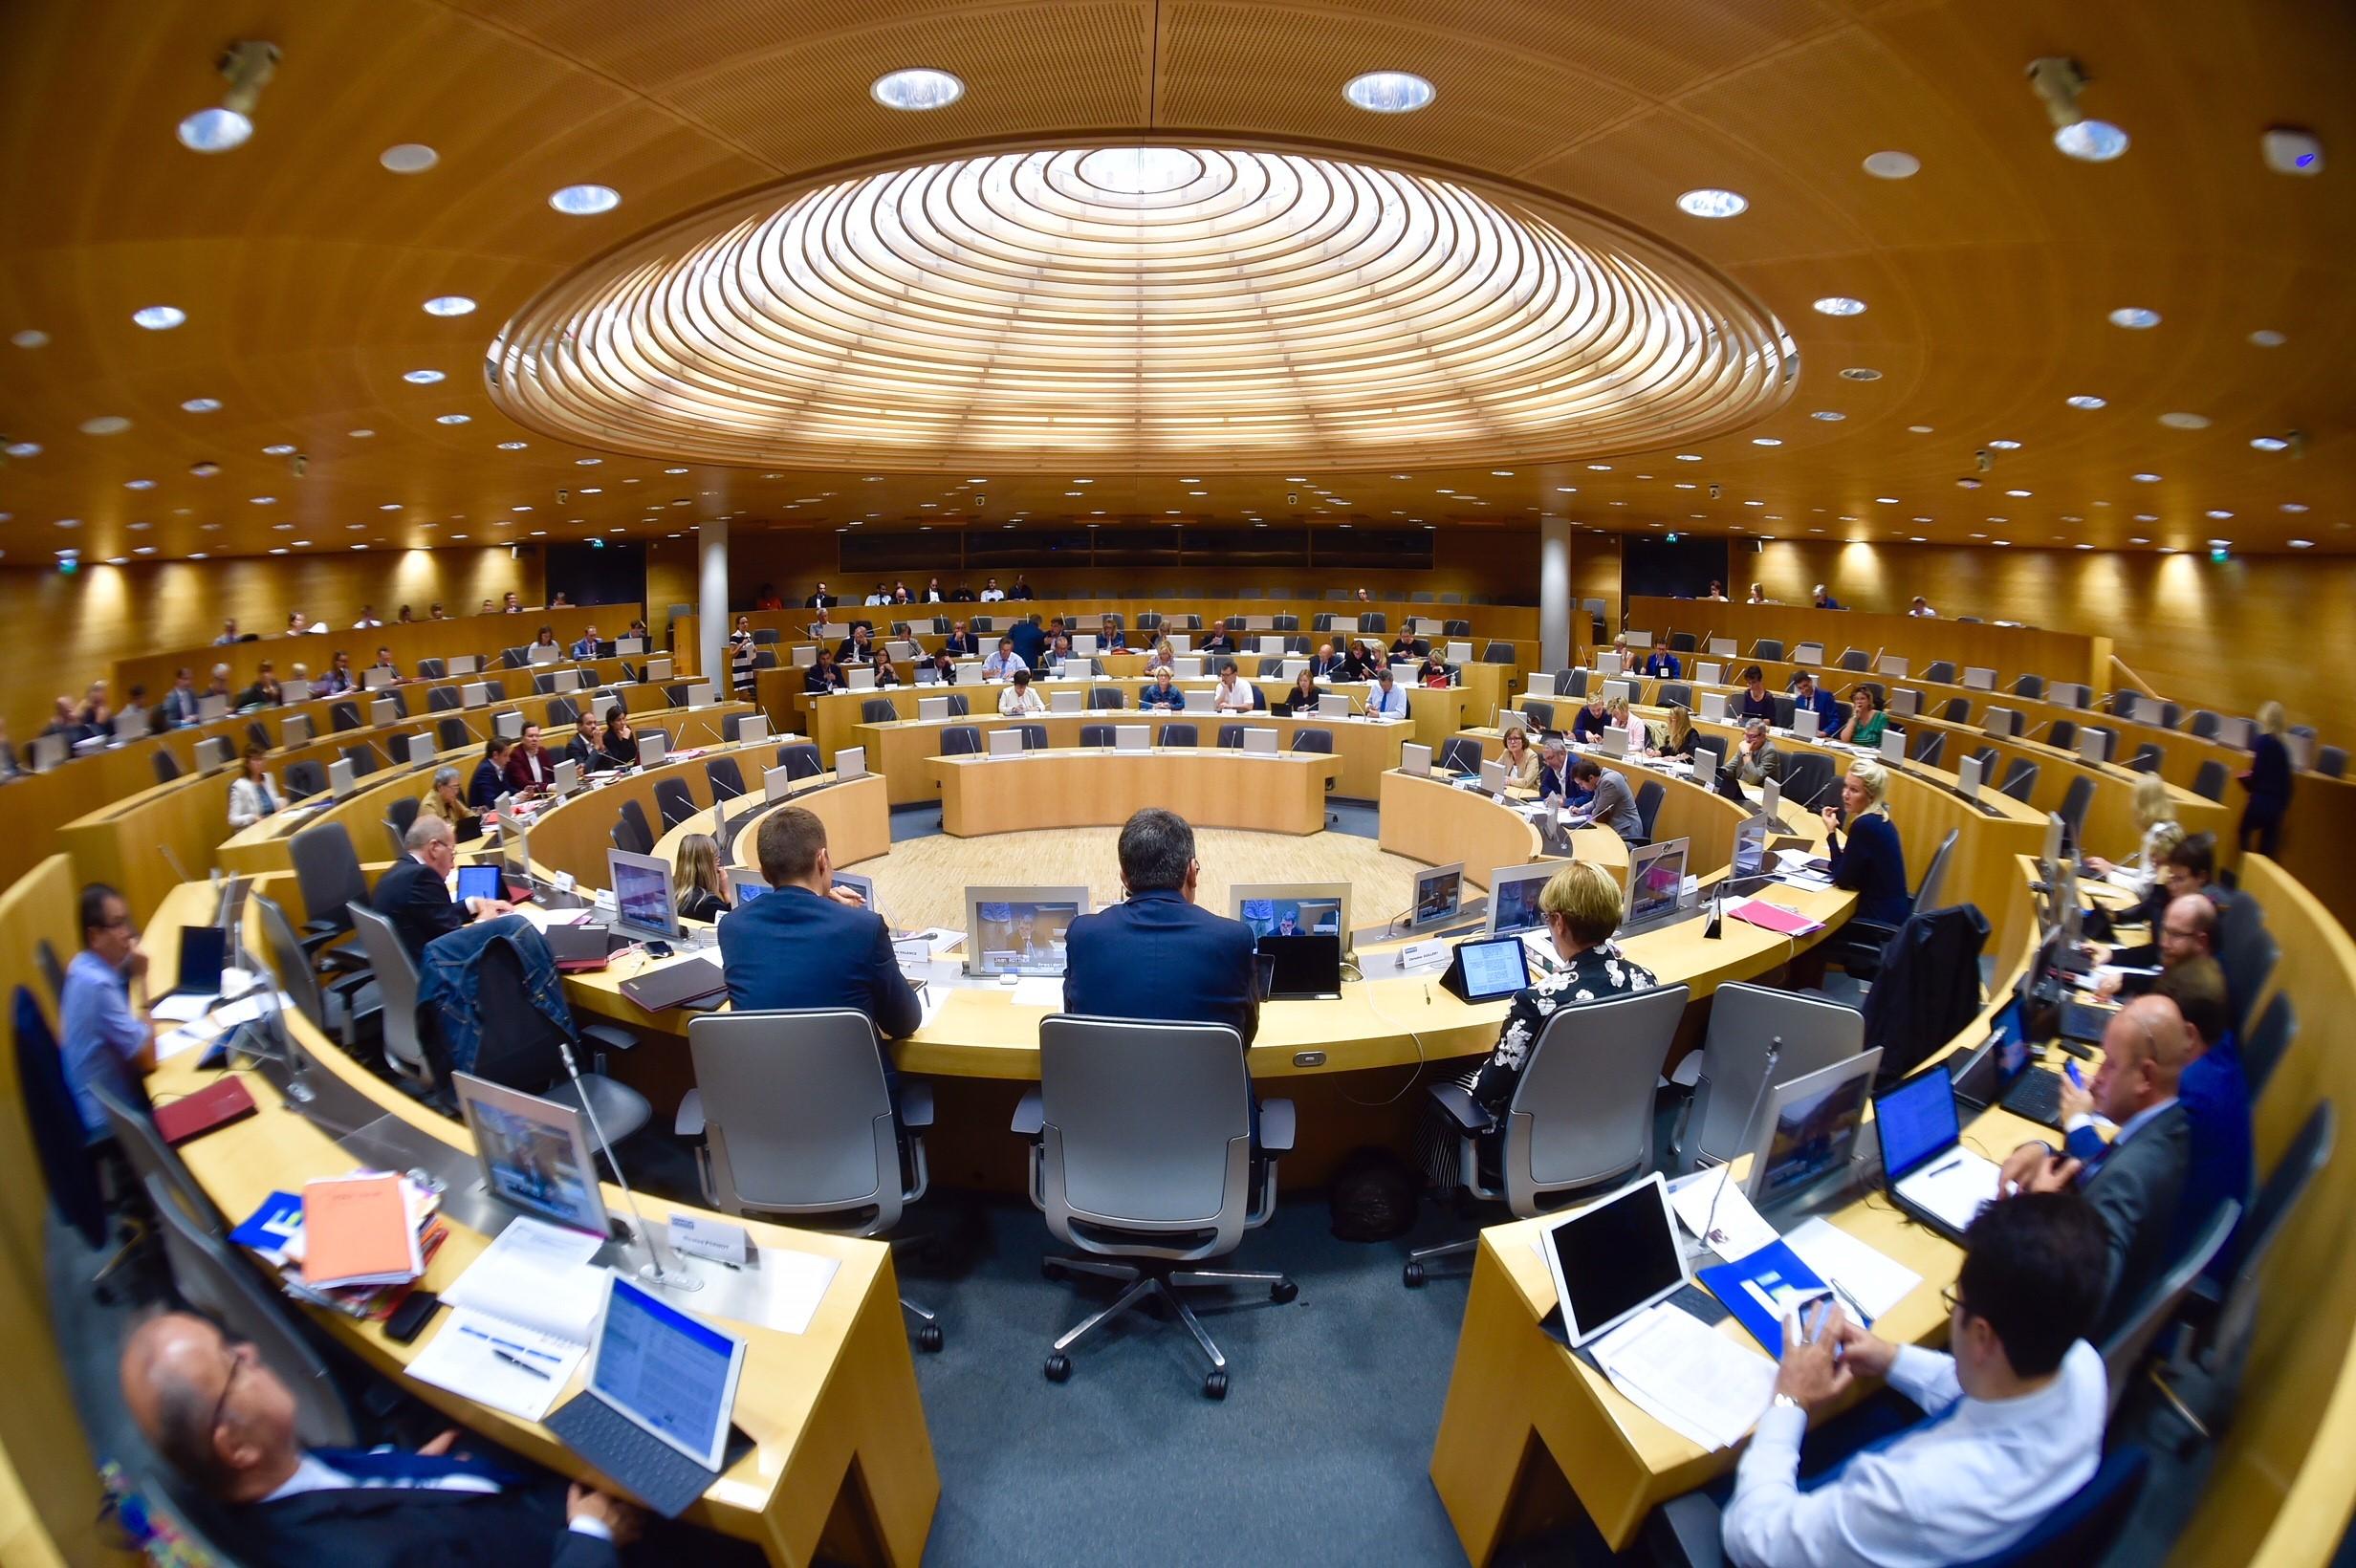 Commission permanente du 21 septembre 2018 (c) Jean-Luc Stadler, Région